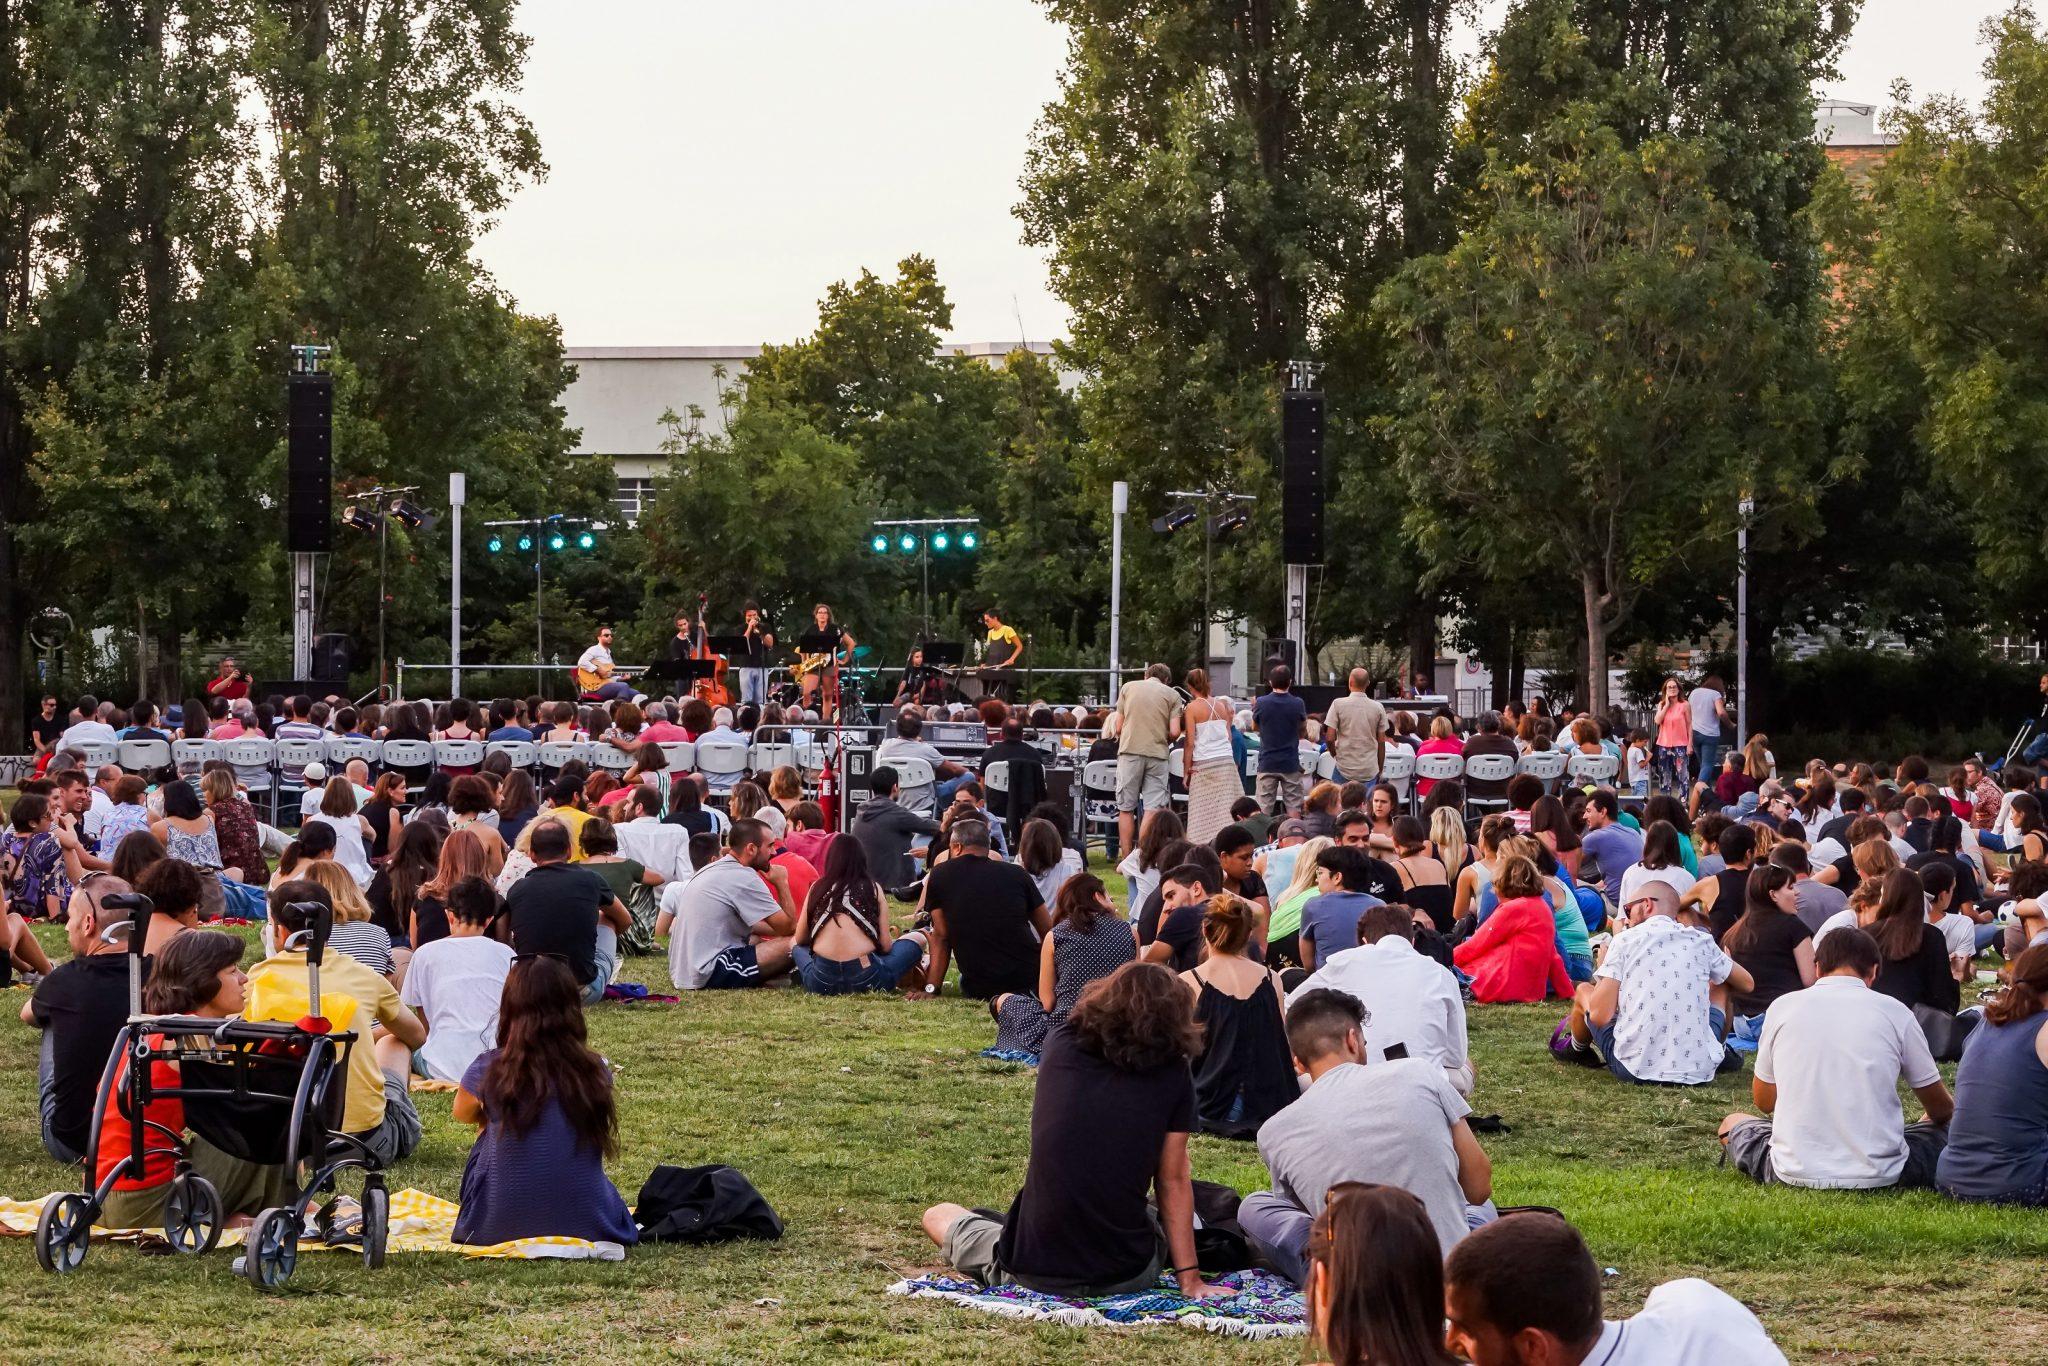 Pessoas sentadas no chão, num jardim, de costas para o observador, de frente para o um palco onde estão vários músicos